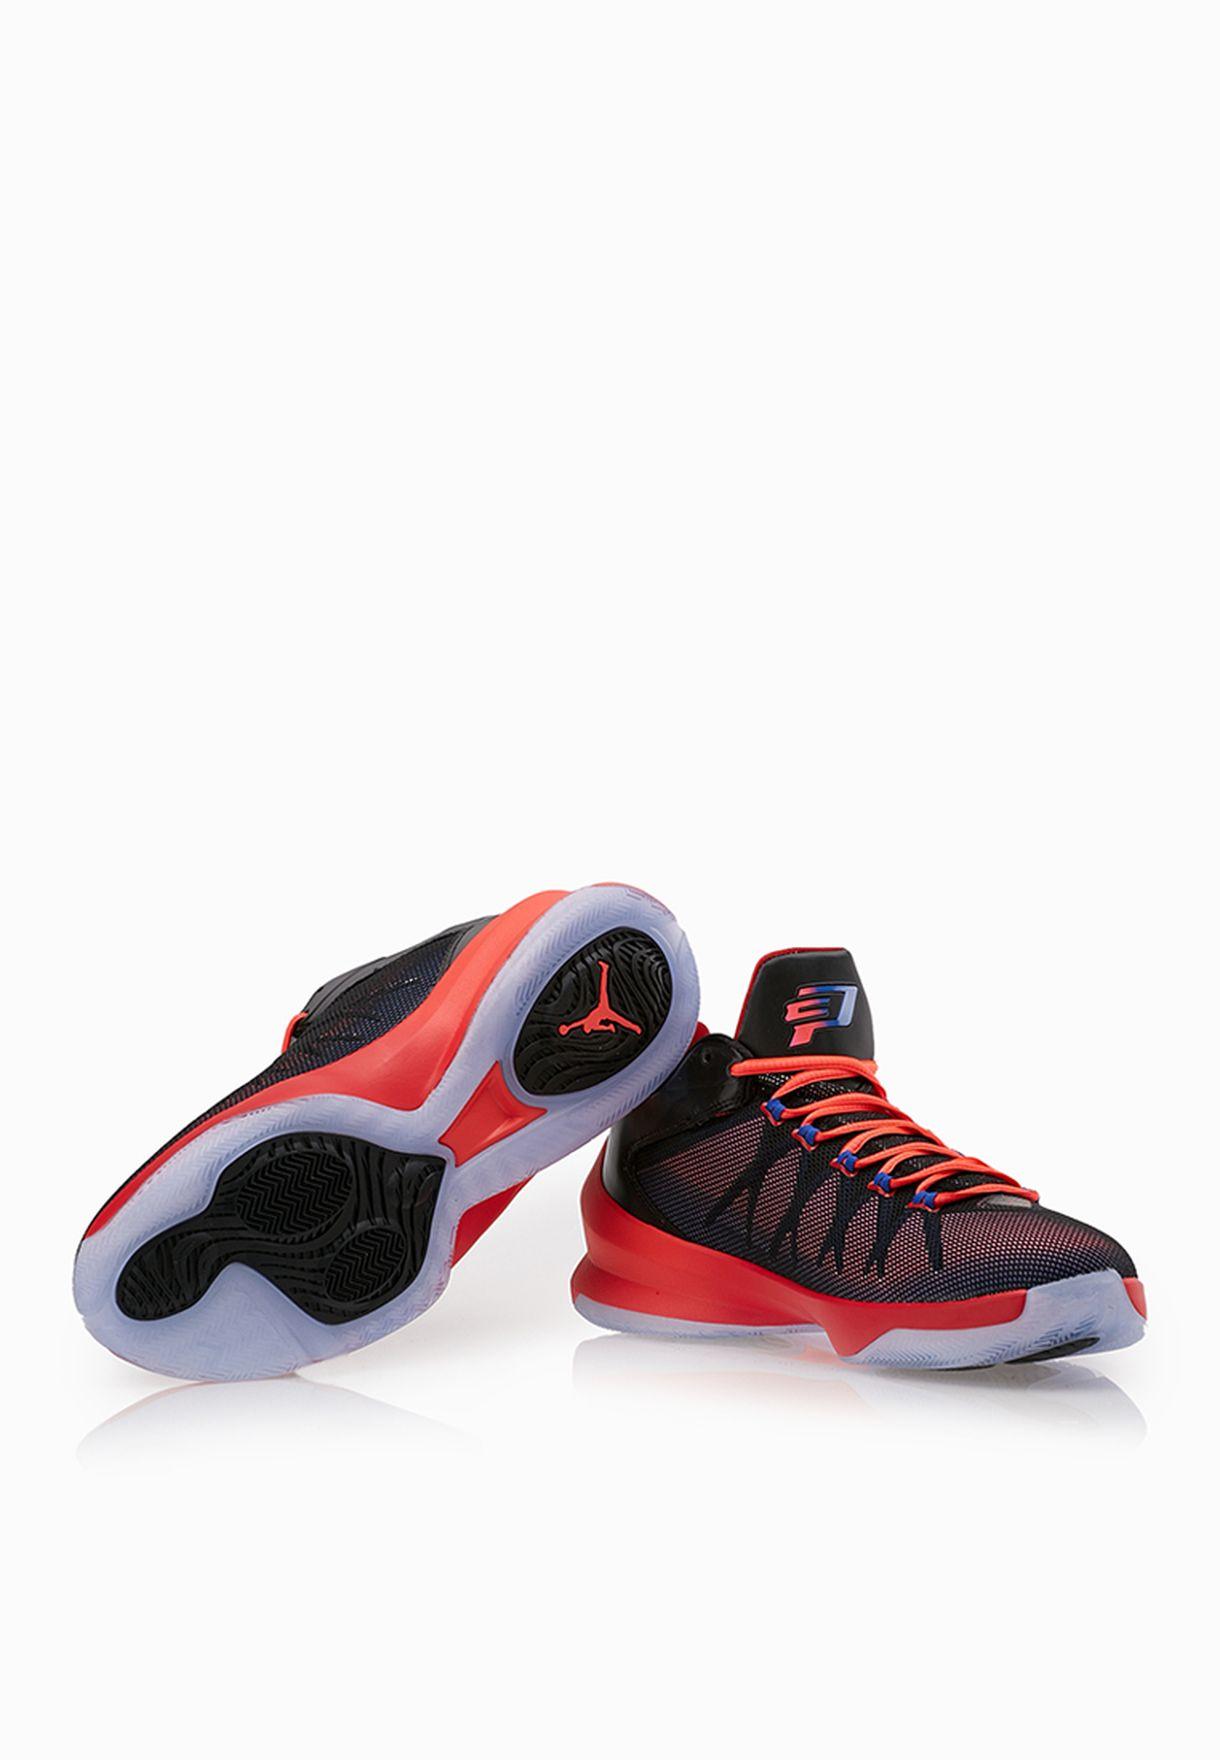 2e9f41665e89 Shop Nike multicolor Jordan CP3 VIII 725173-025 for Men in UAE ...